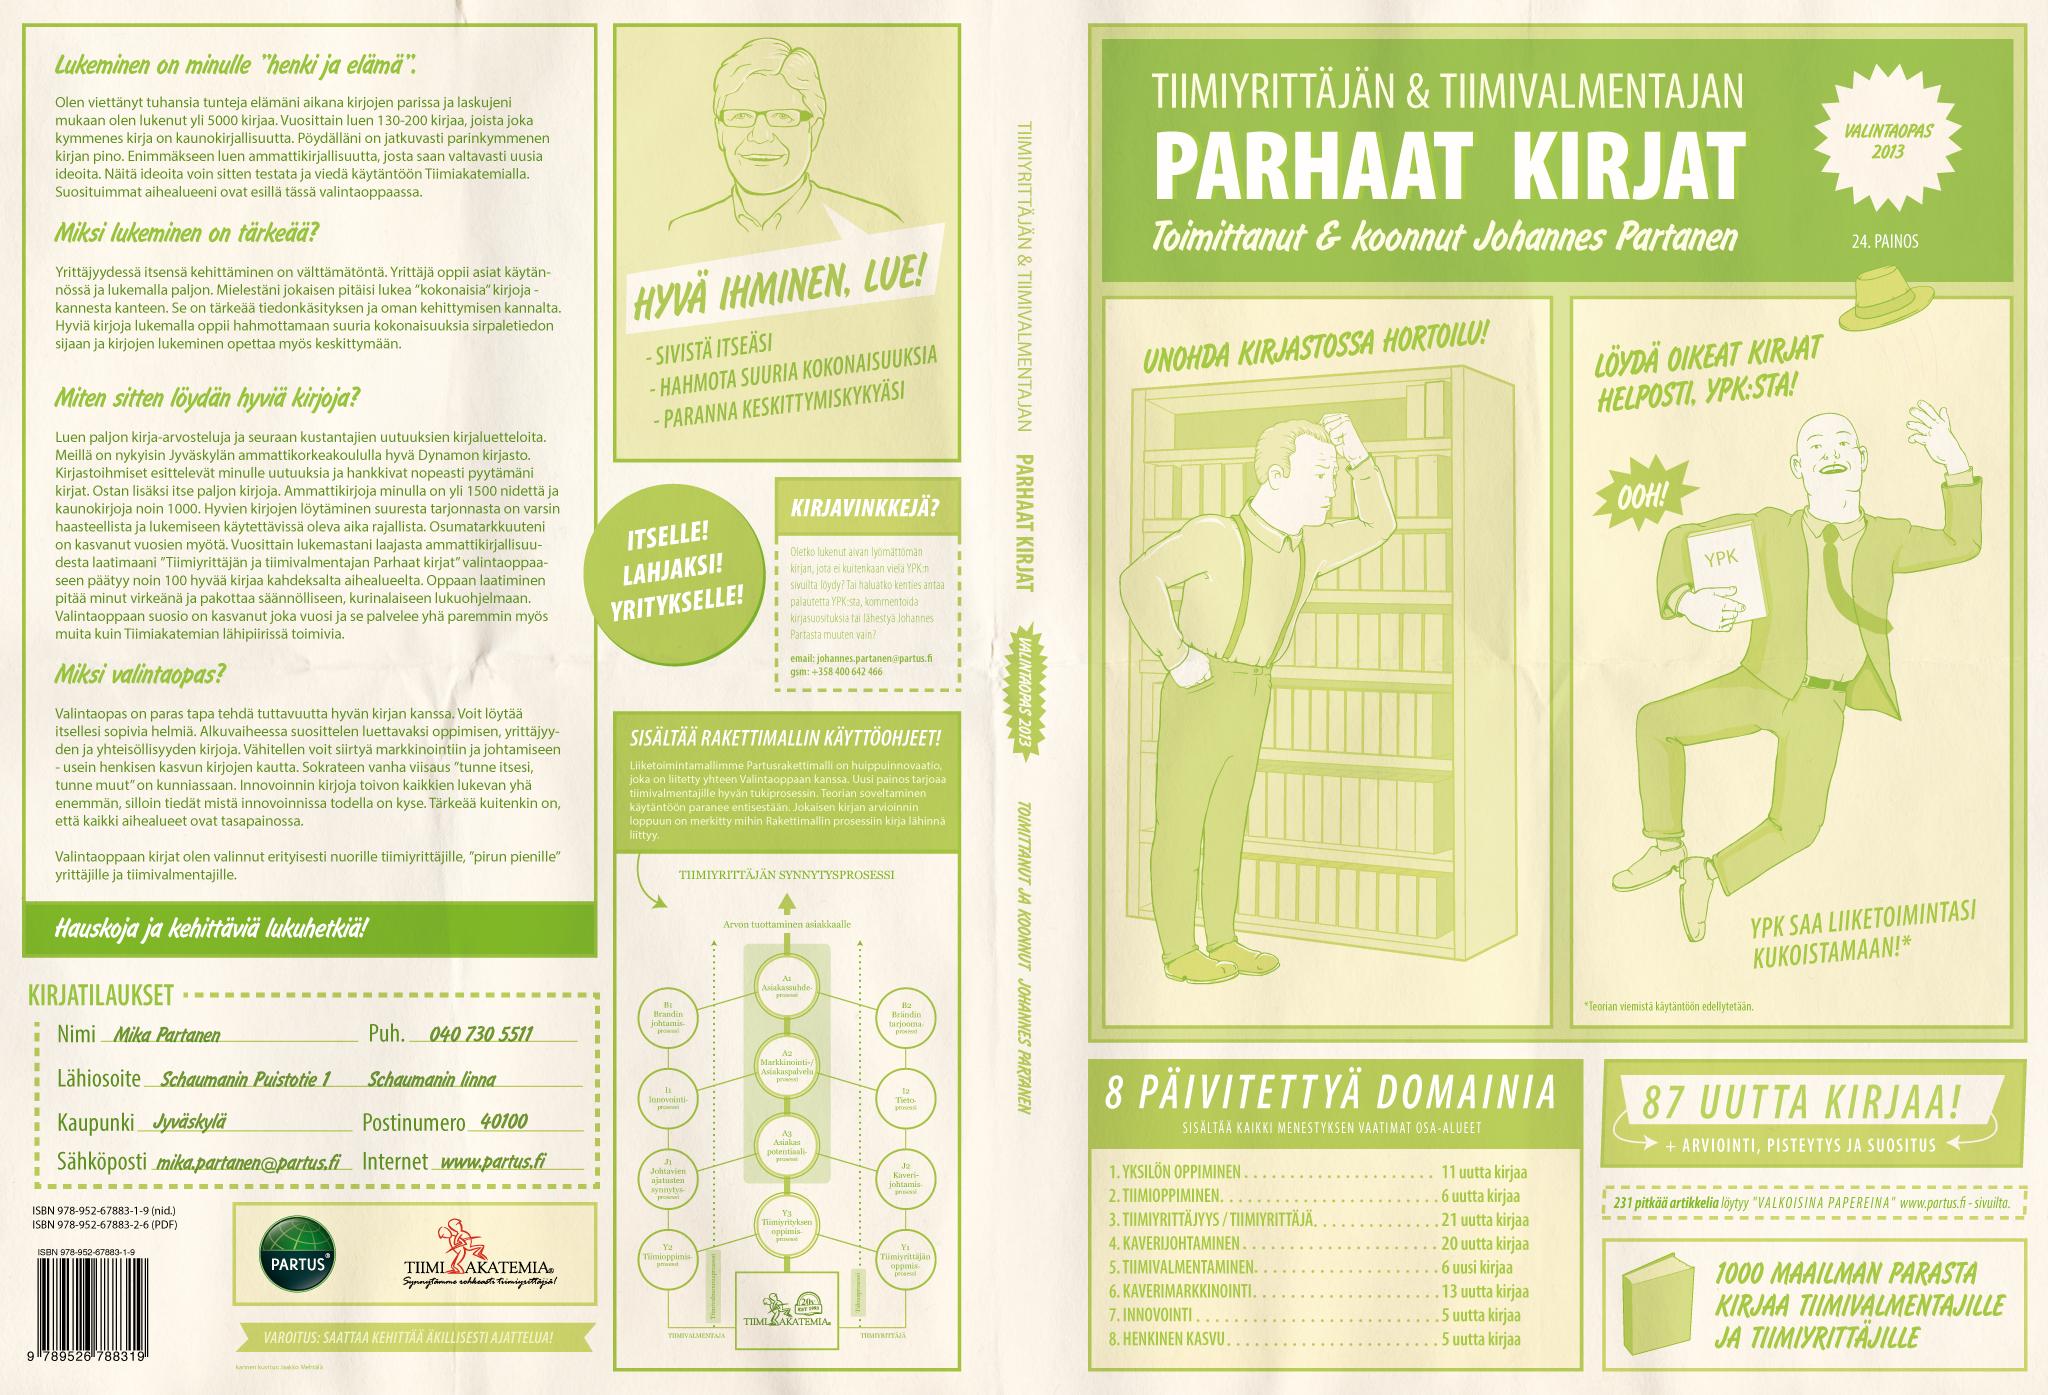 partus_ypk_kansikuvitus_2013-1_006.png